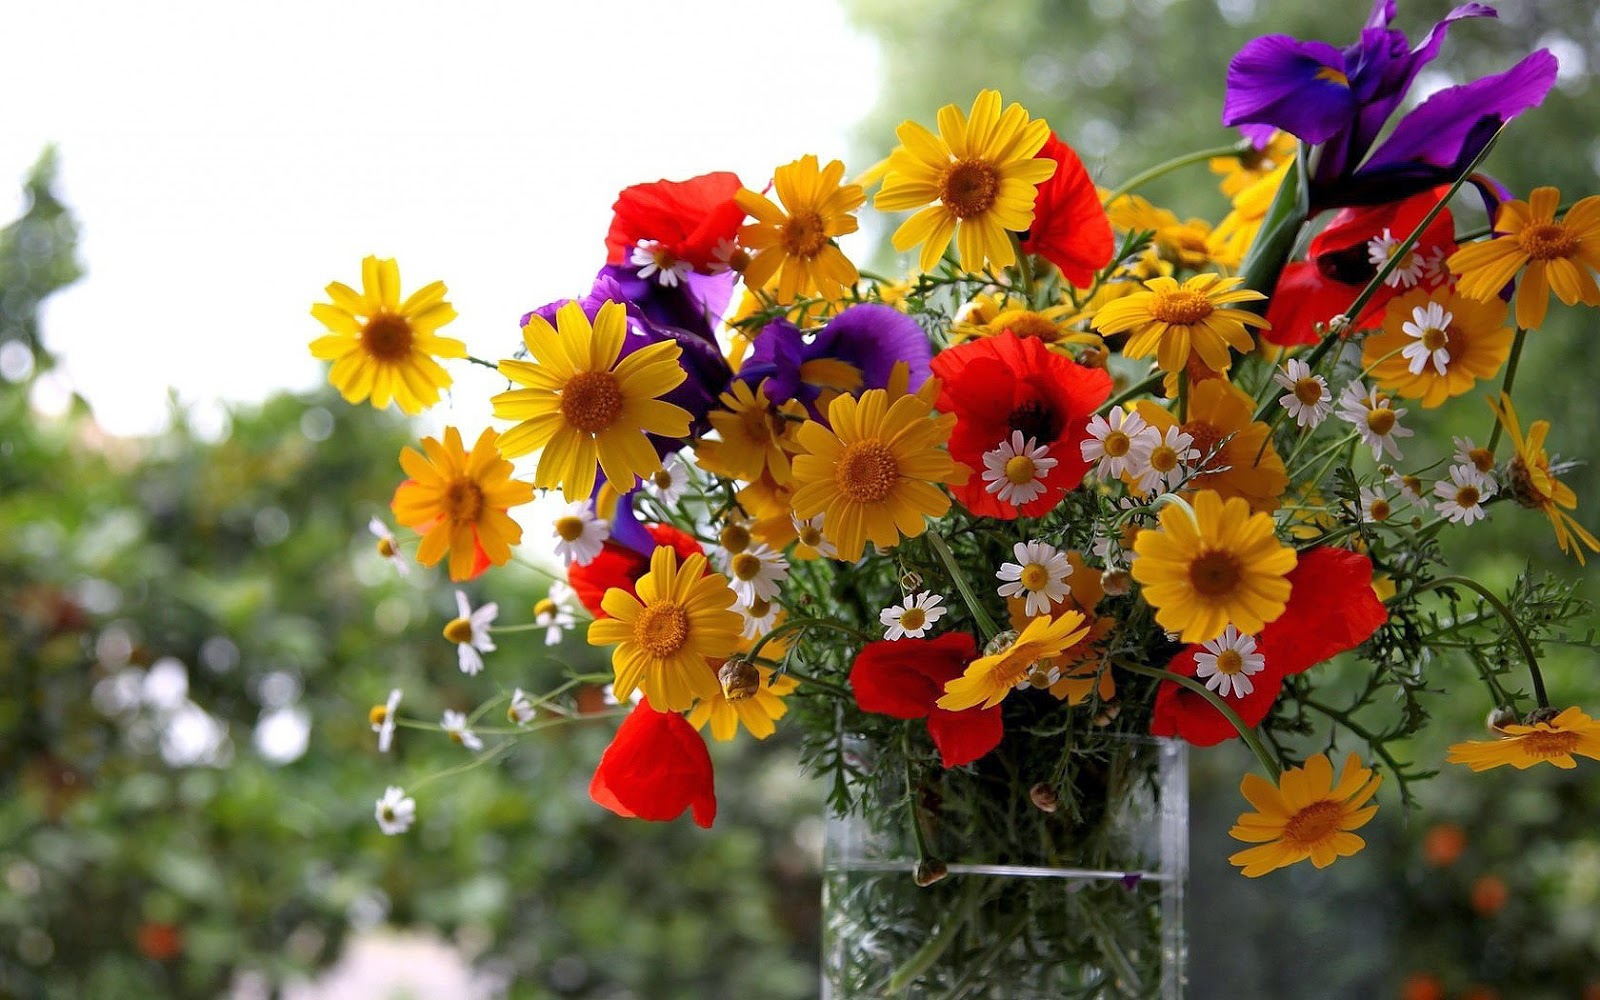 Vaas vol met verschillende soorten bloemen